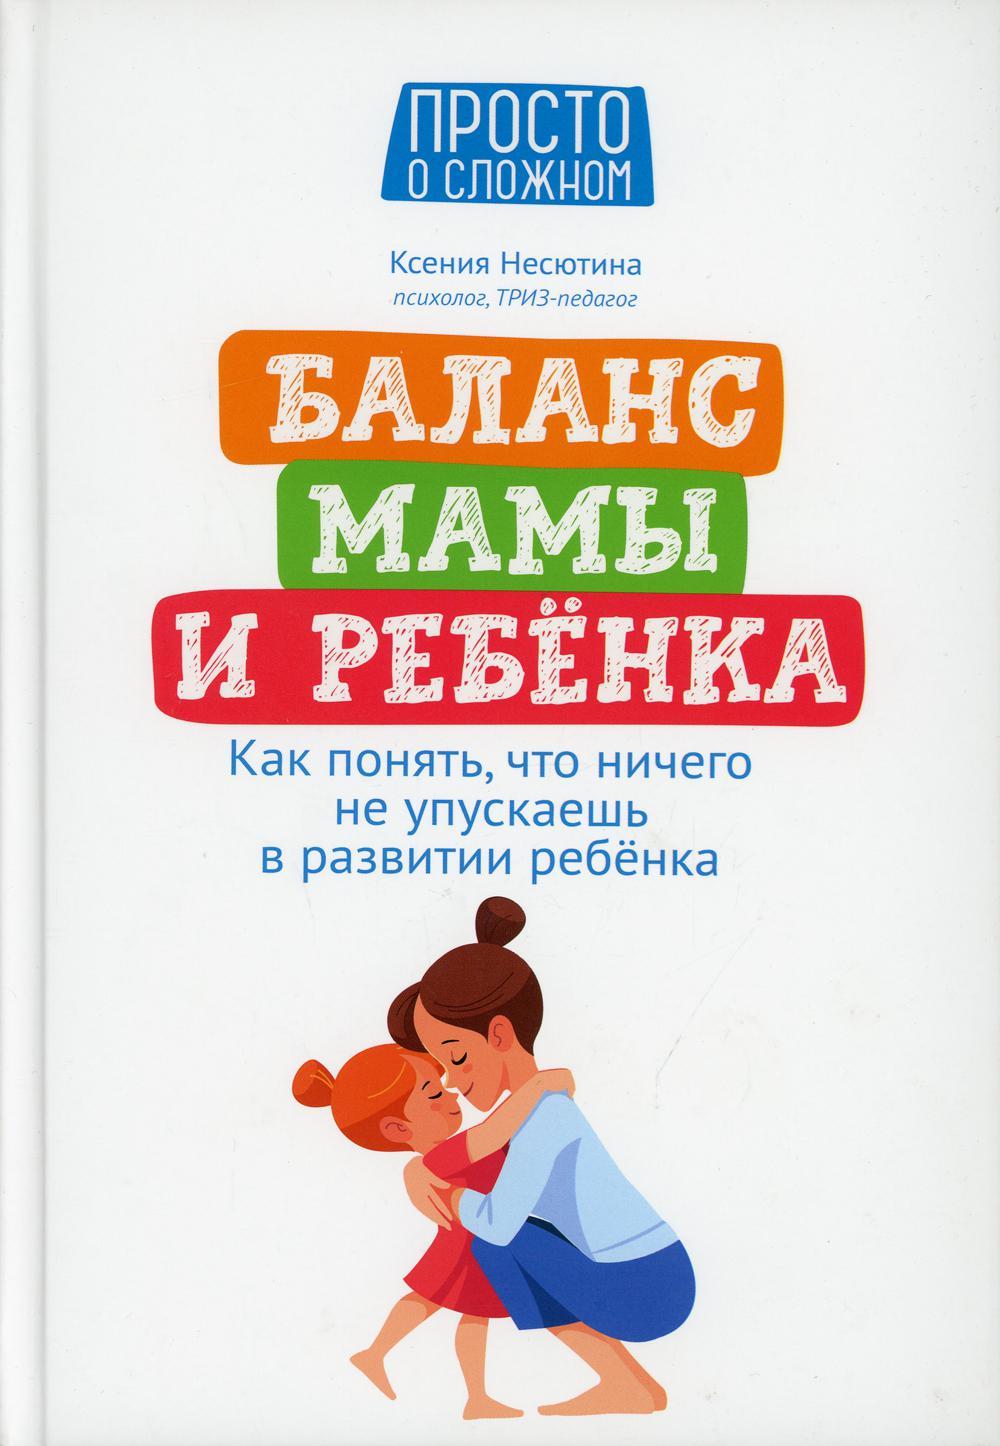 Баланс мамы и ребенка: как понять, что ничего не упускаешь в развитии ребенка